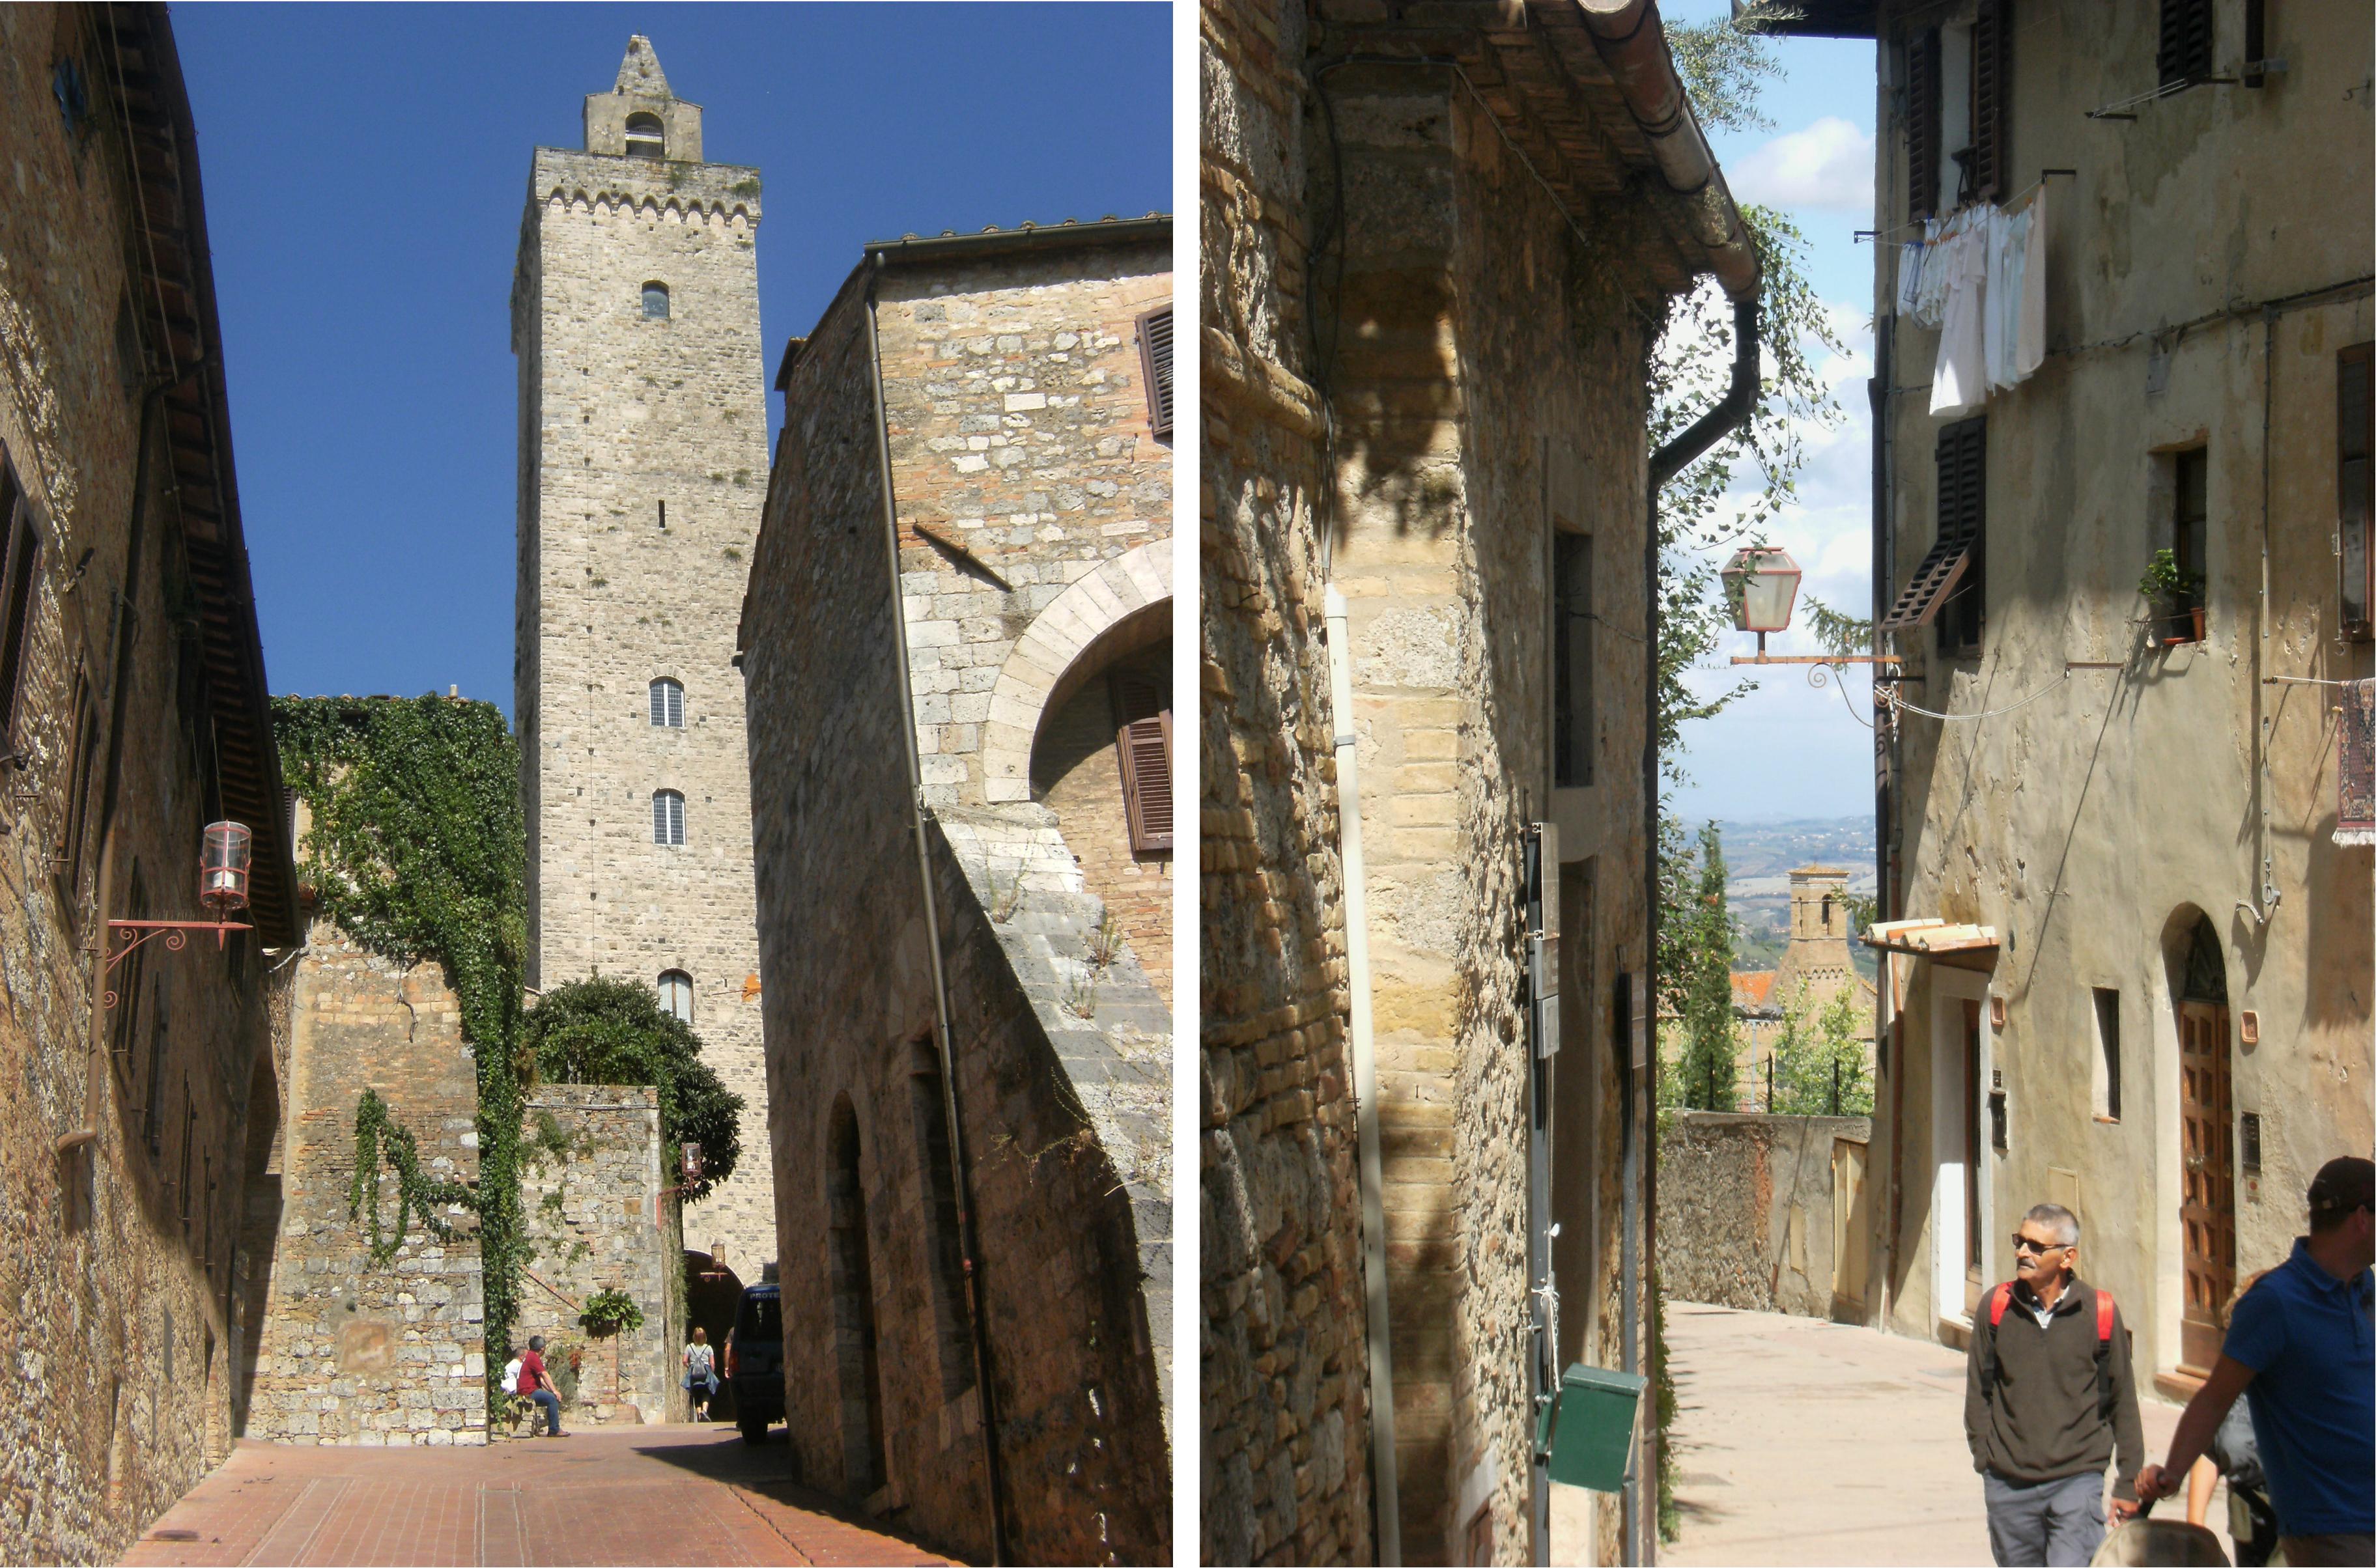 Italy - San Gimignano - Towers - 4